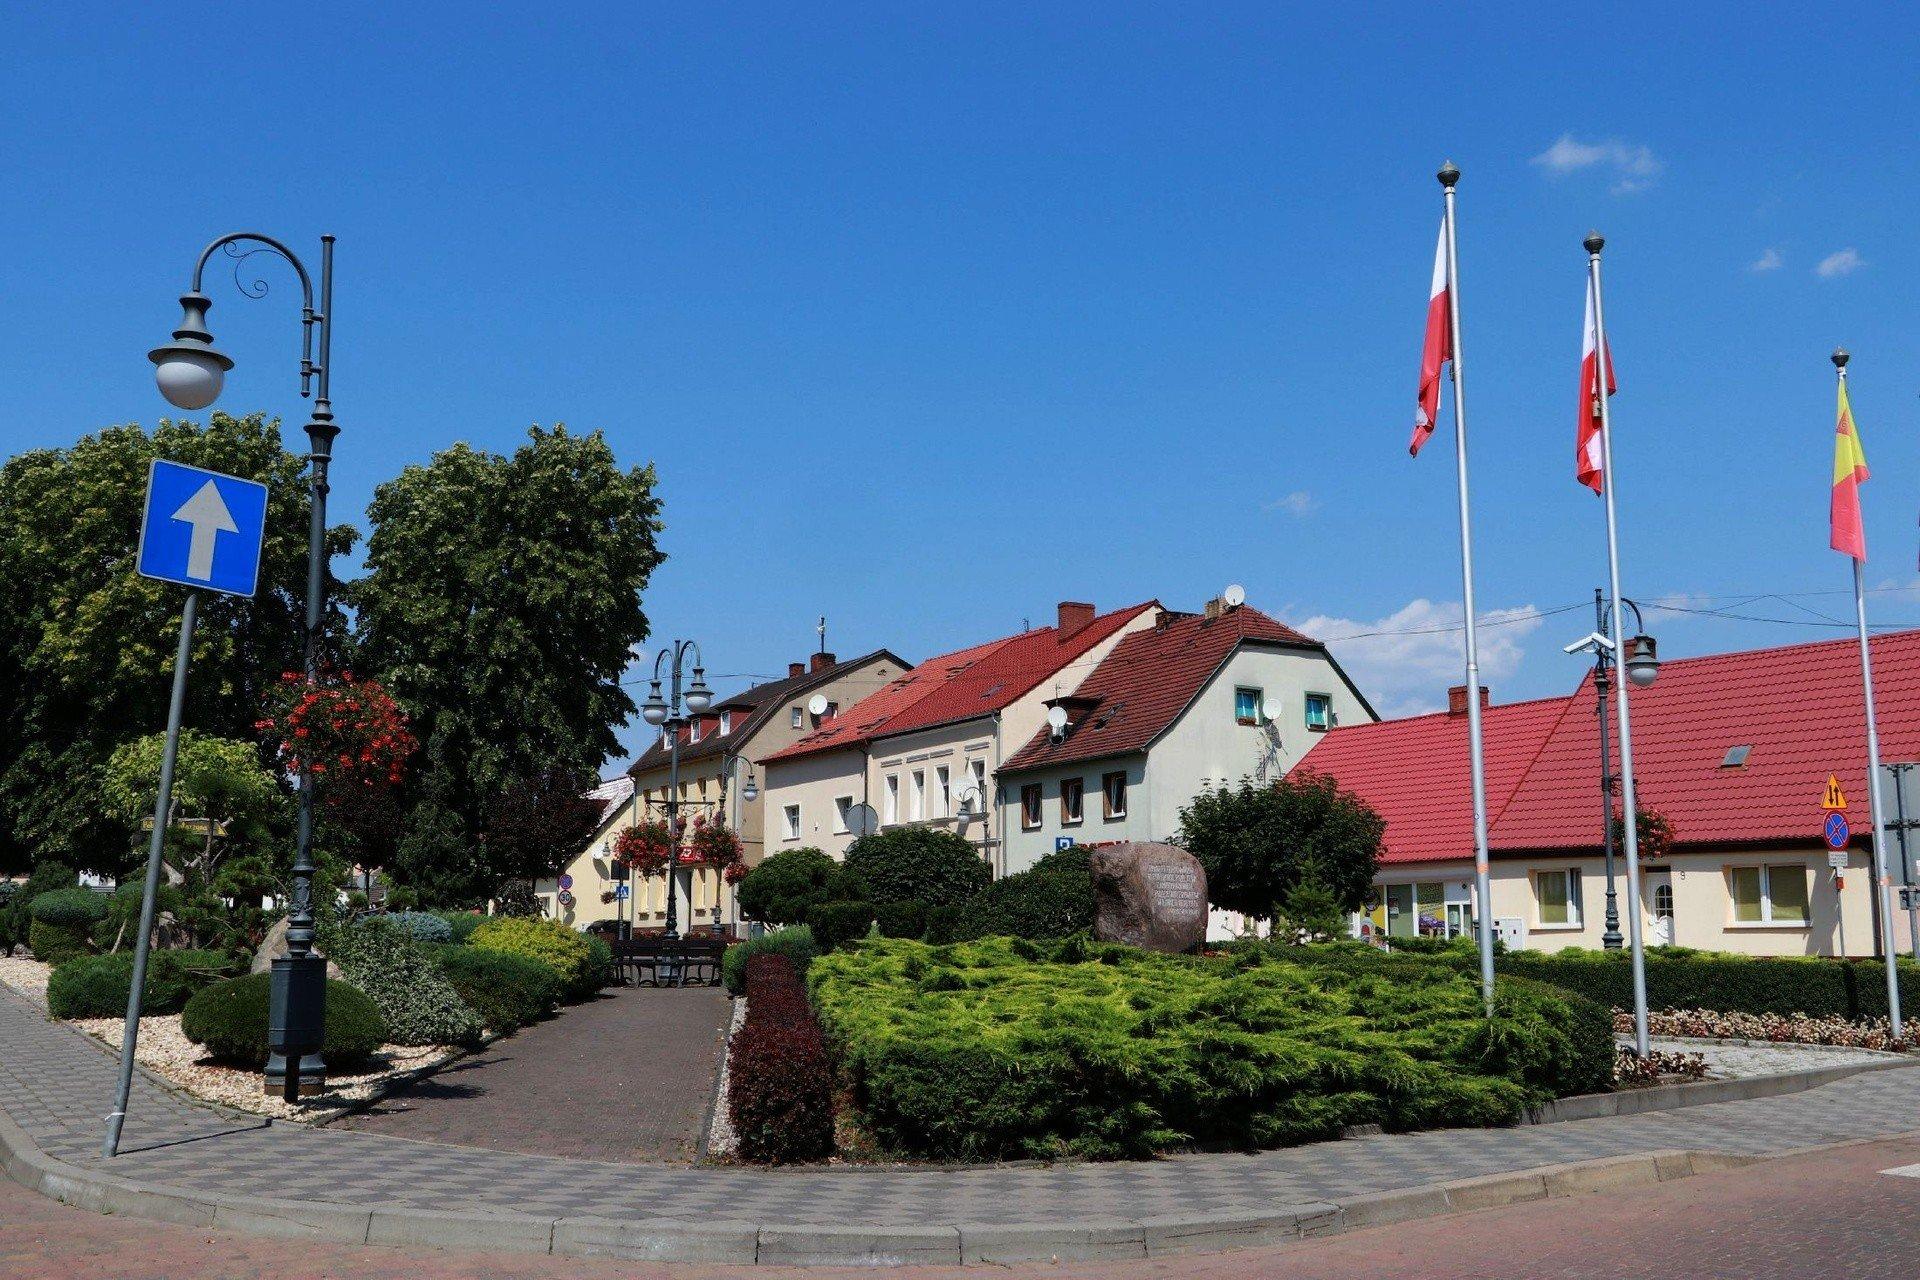 Willa 12 R - Pszczew, w Pszczewie (ul. Dormowska 13)